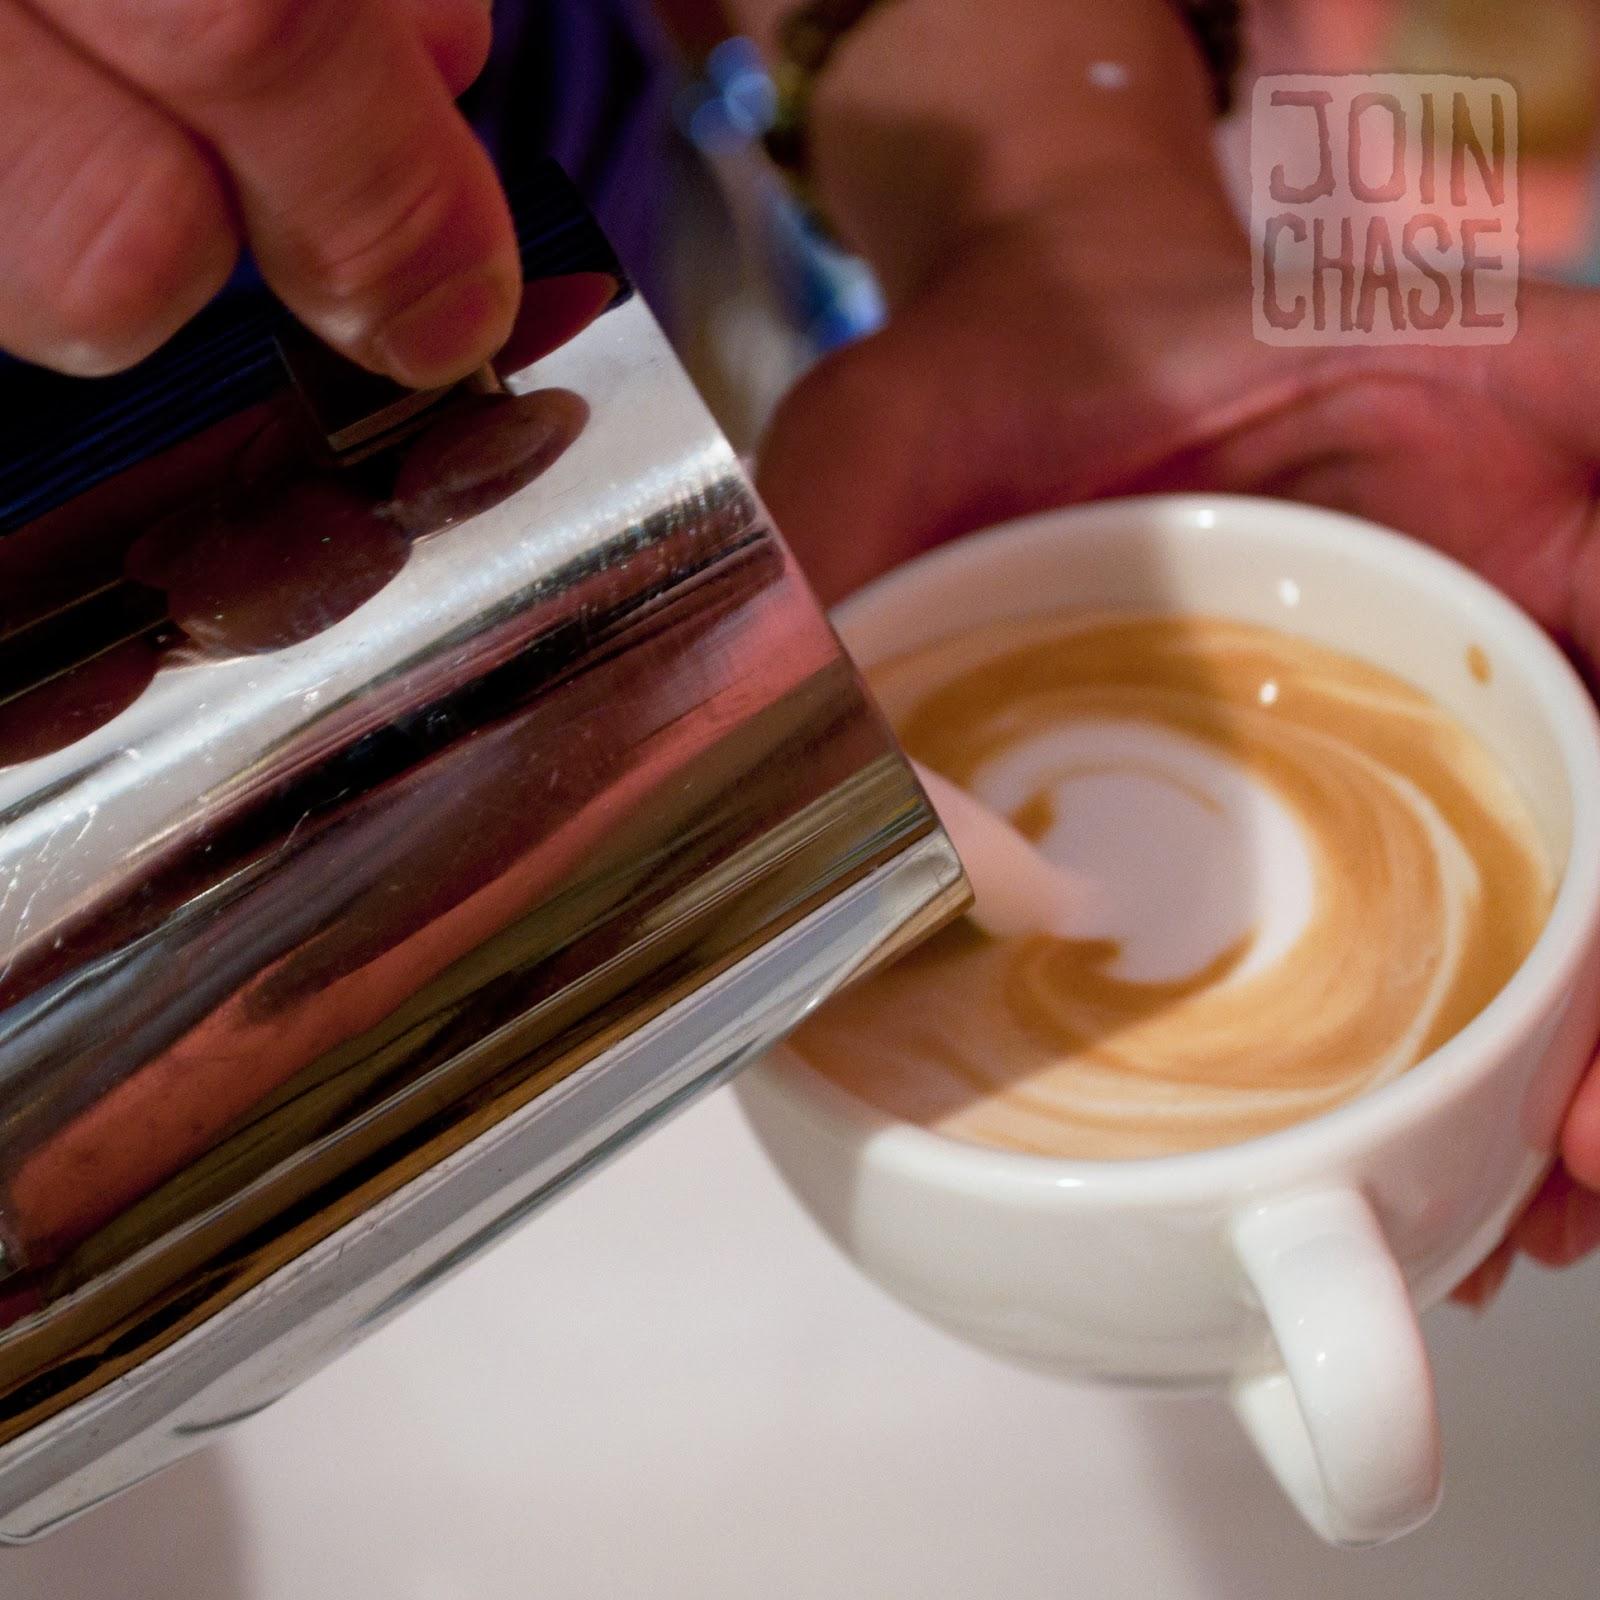 The beginning stages of foam art in a latte in Ochang, South Korea.